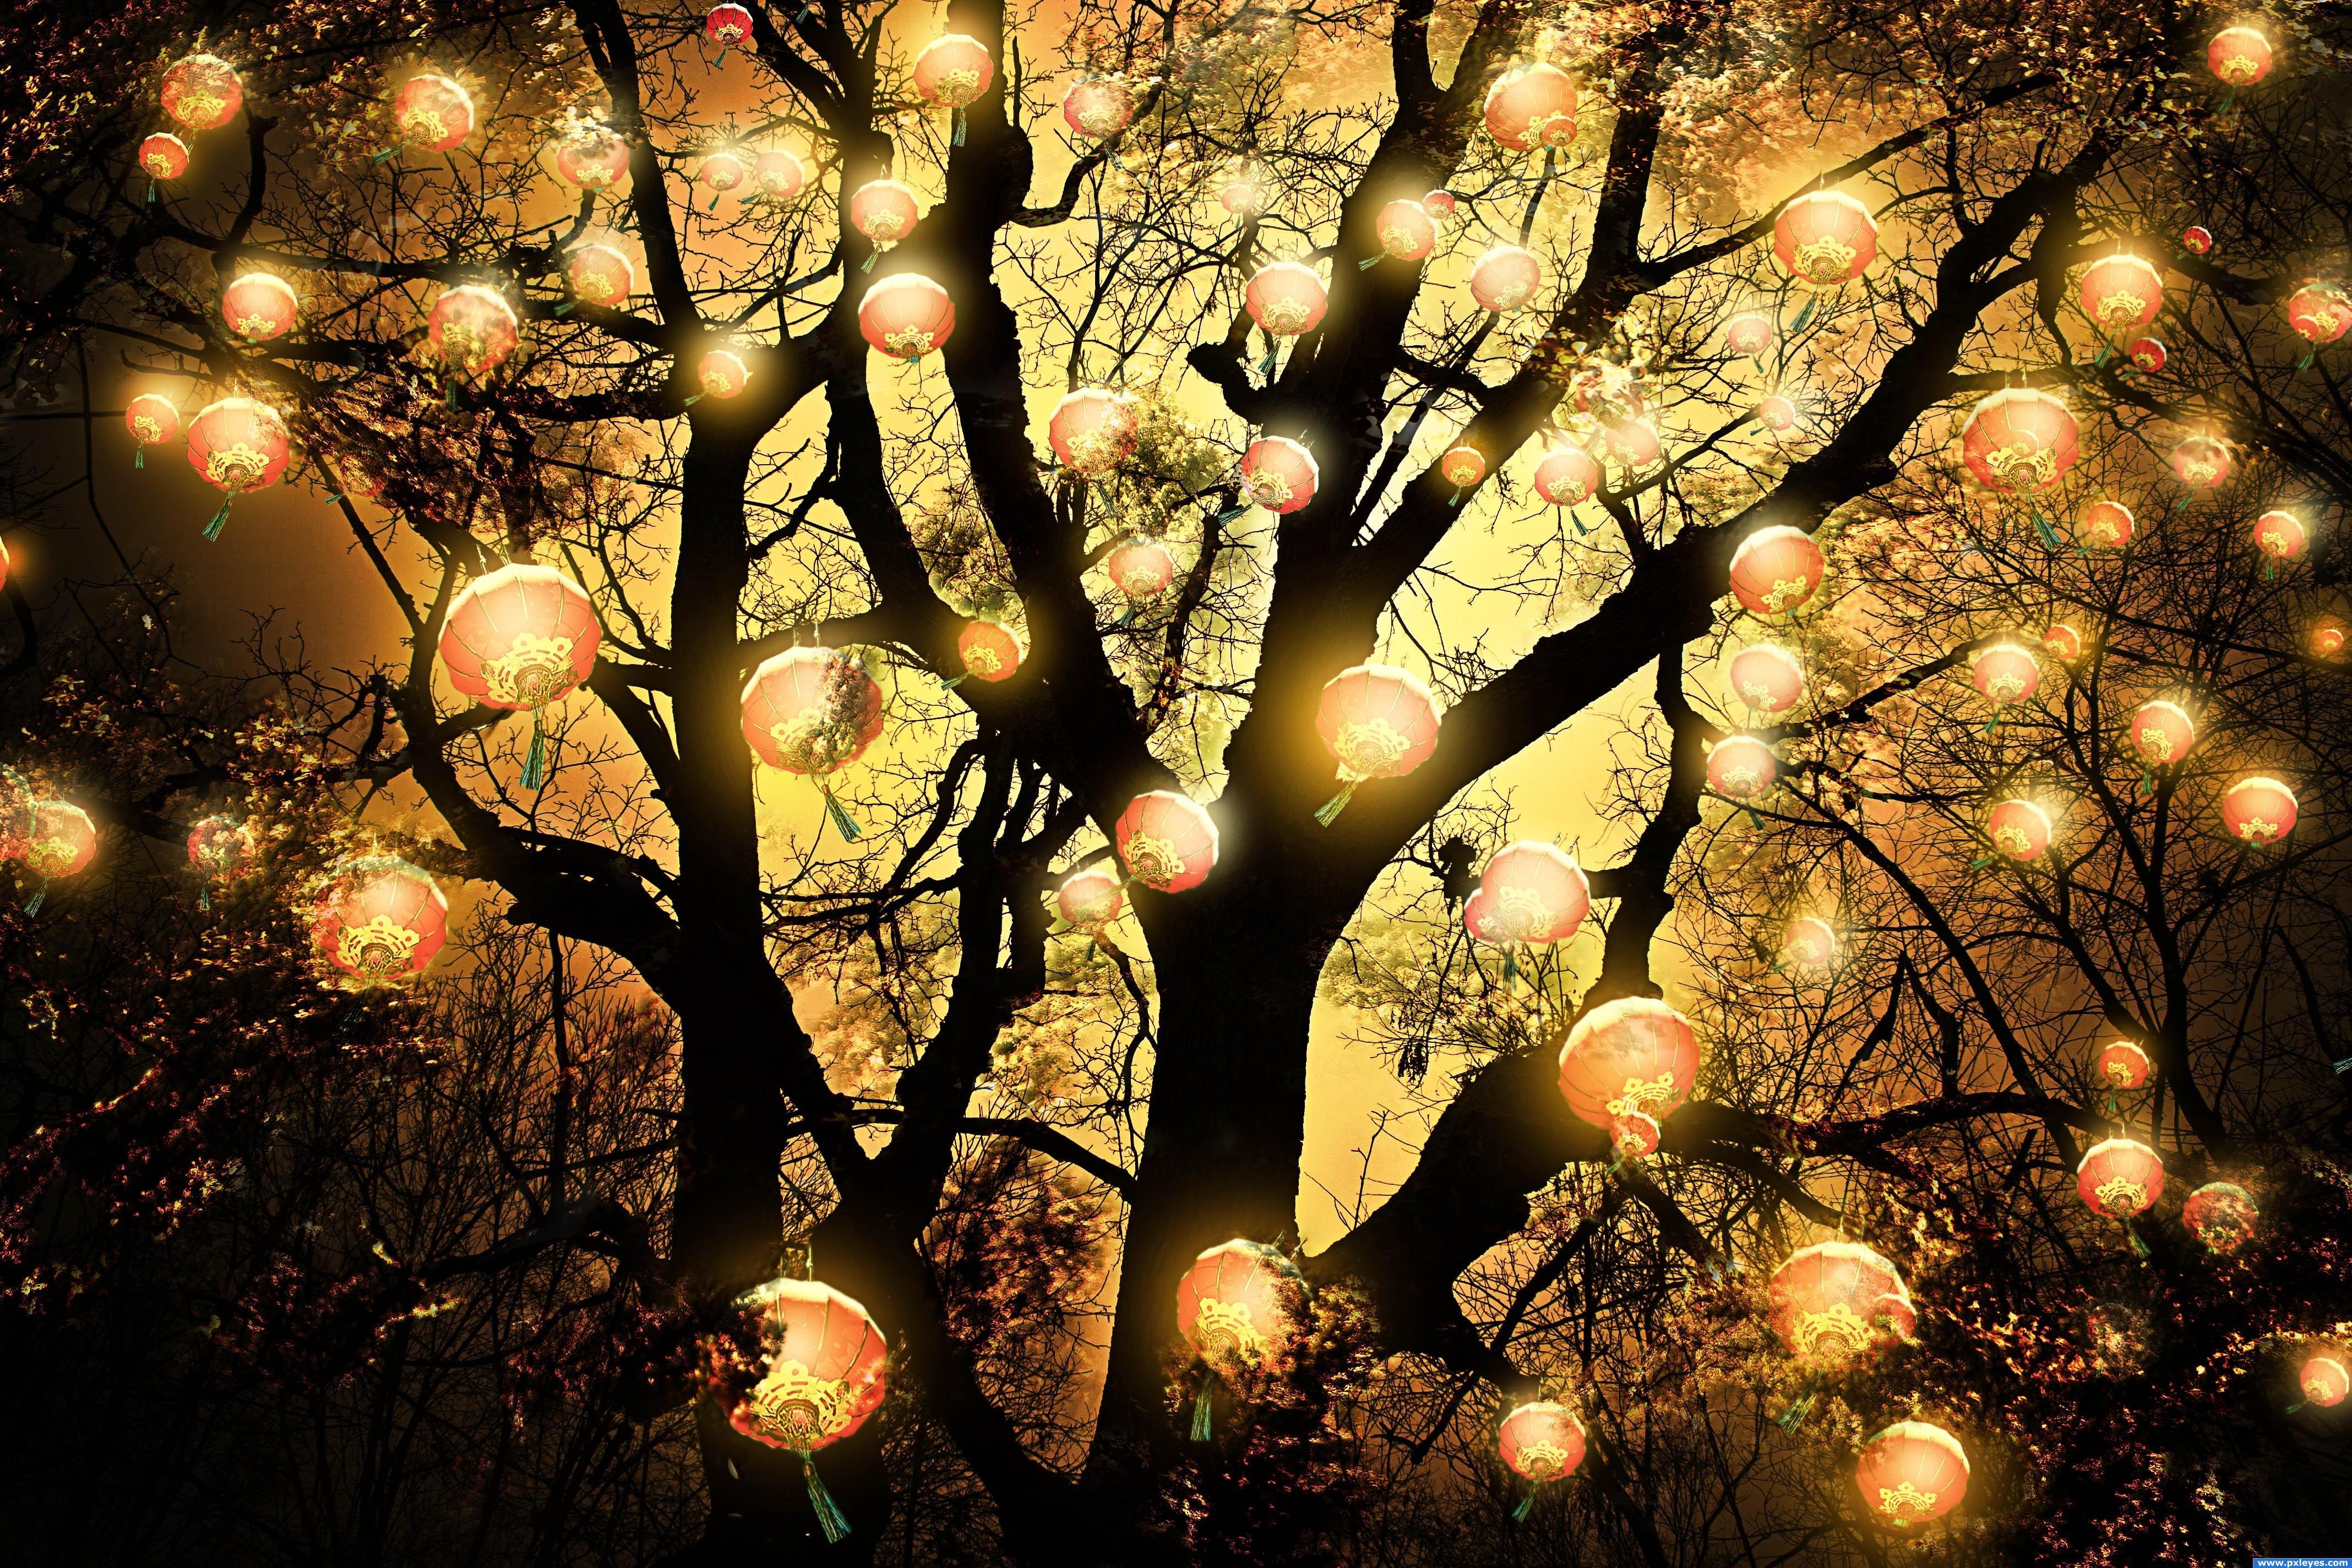 могут делаться дерево фонарь картинки эти годы они